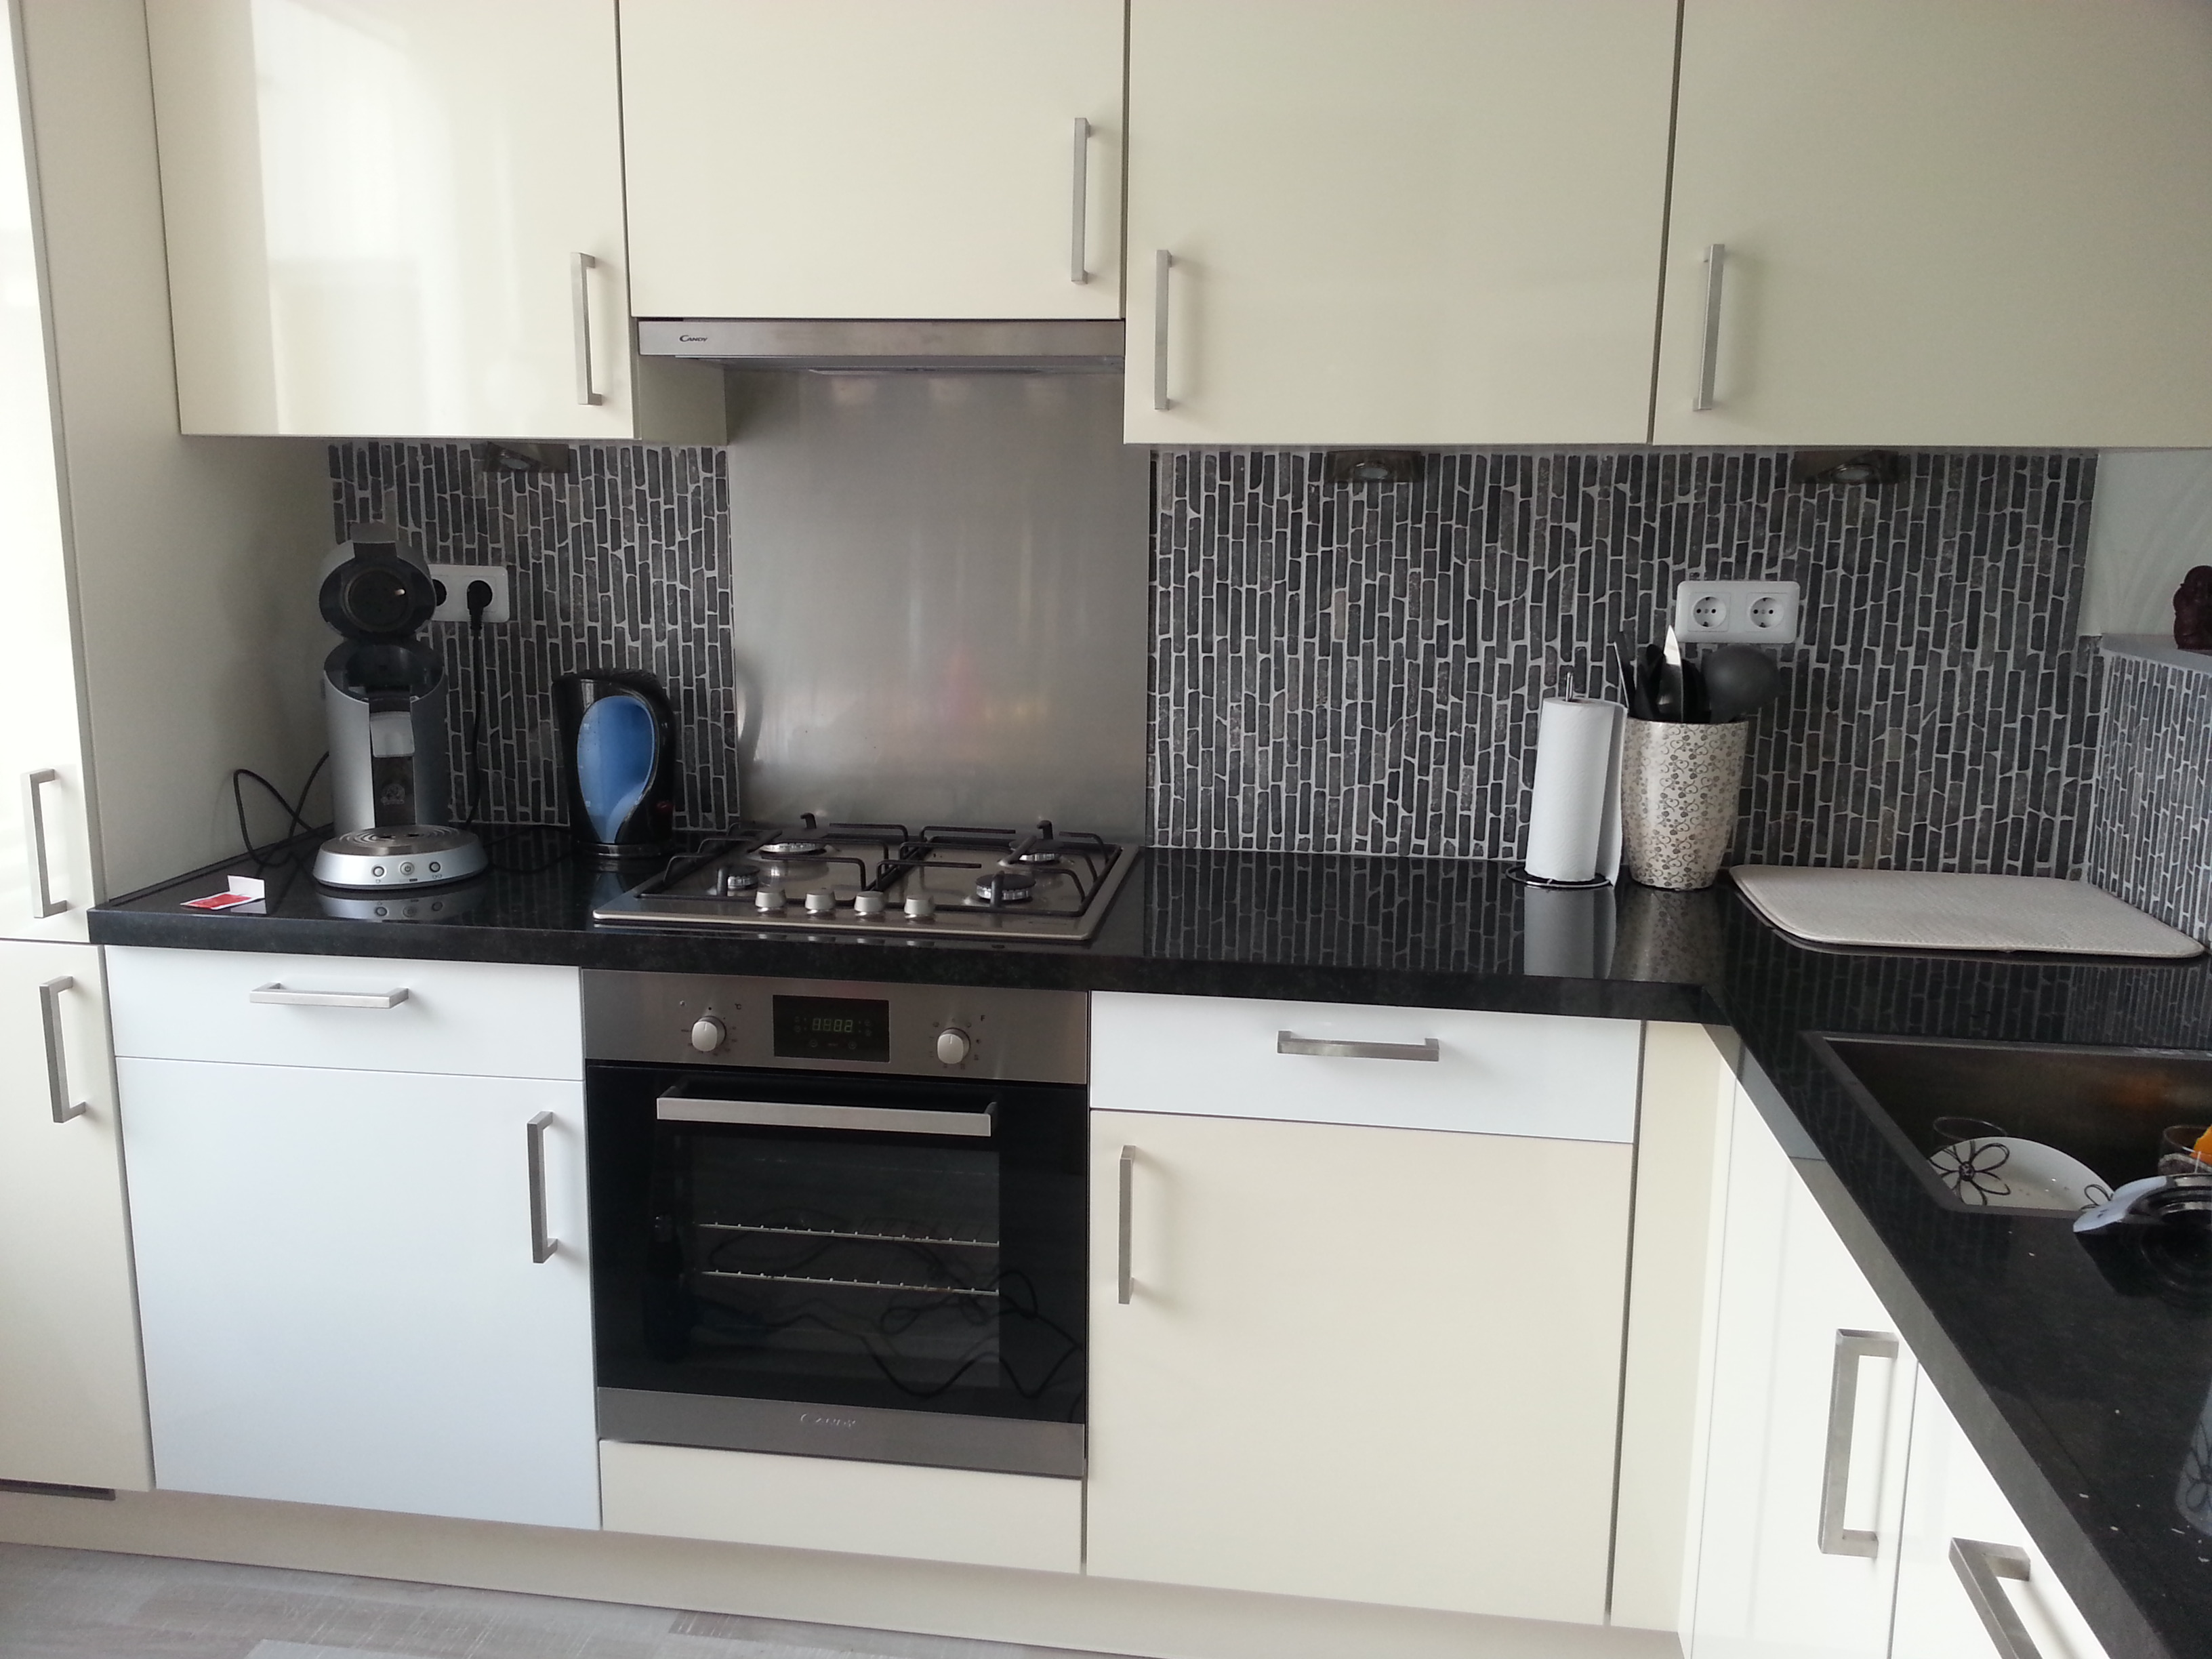 Geel De Keuken : Keuken u2013 magnolia geel naar hoogglans wit